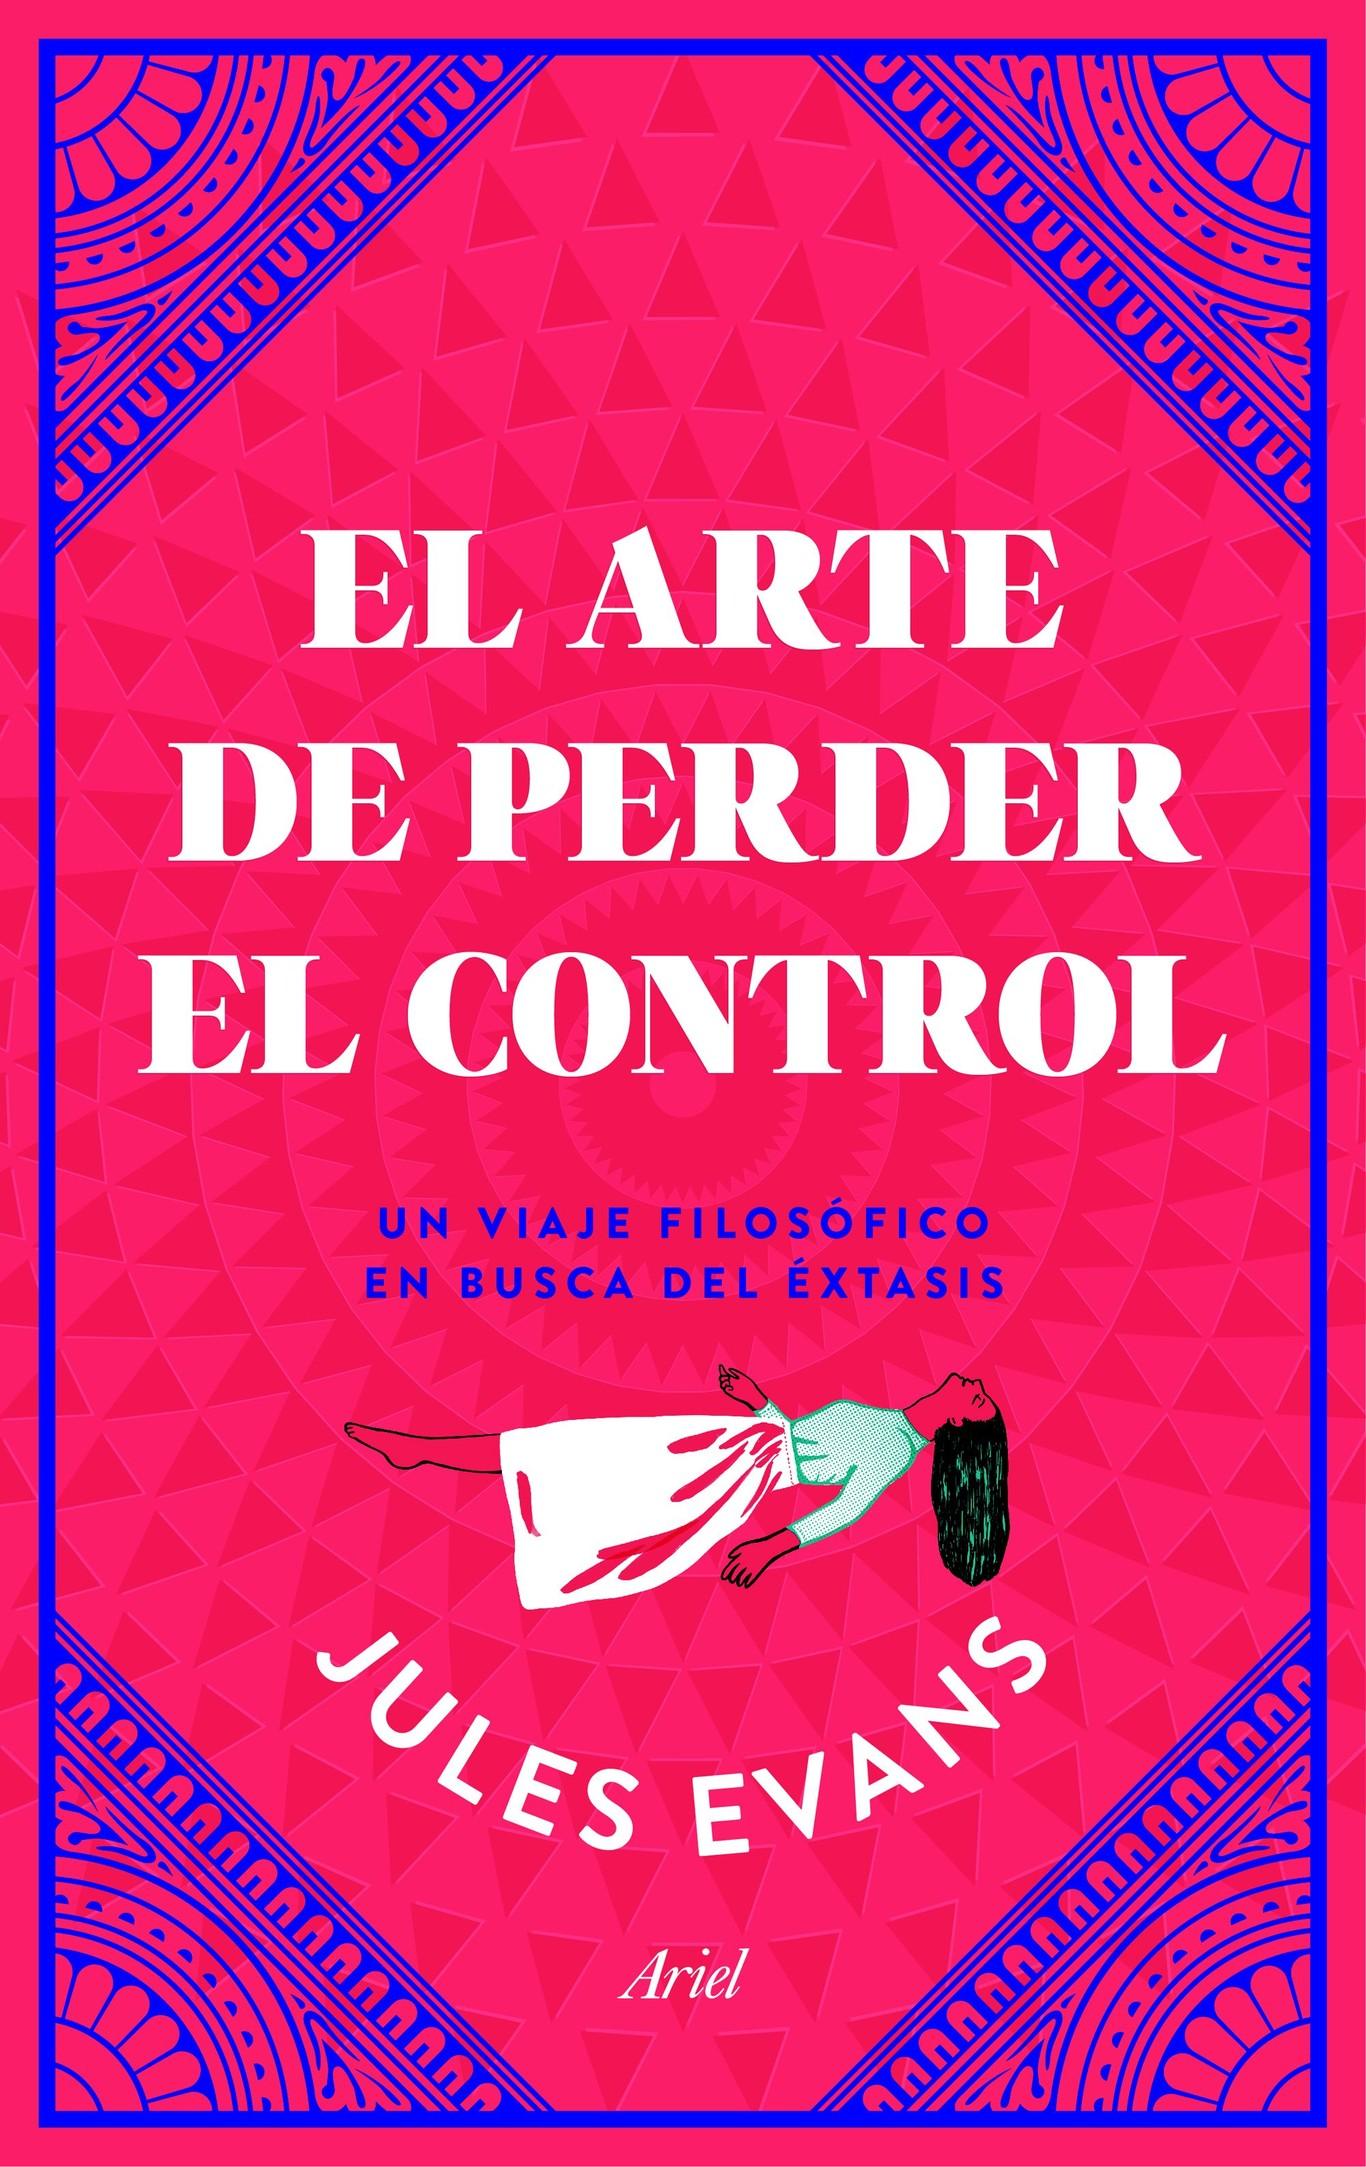 Libros que nos inspiran: 'El arte de perder el control', de Jules Evans